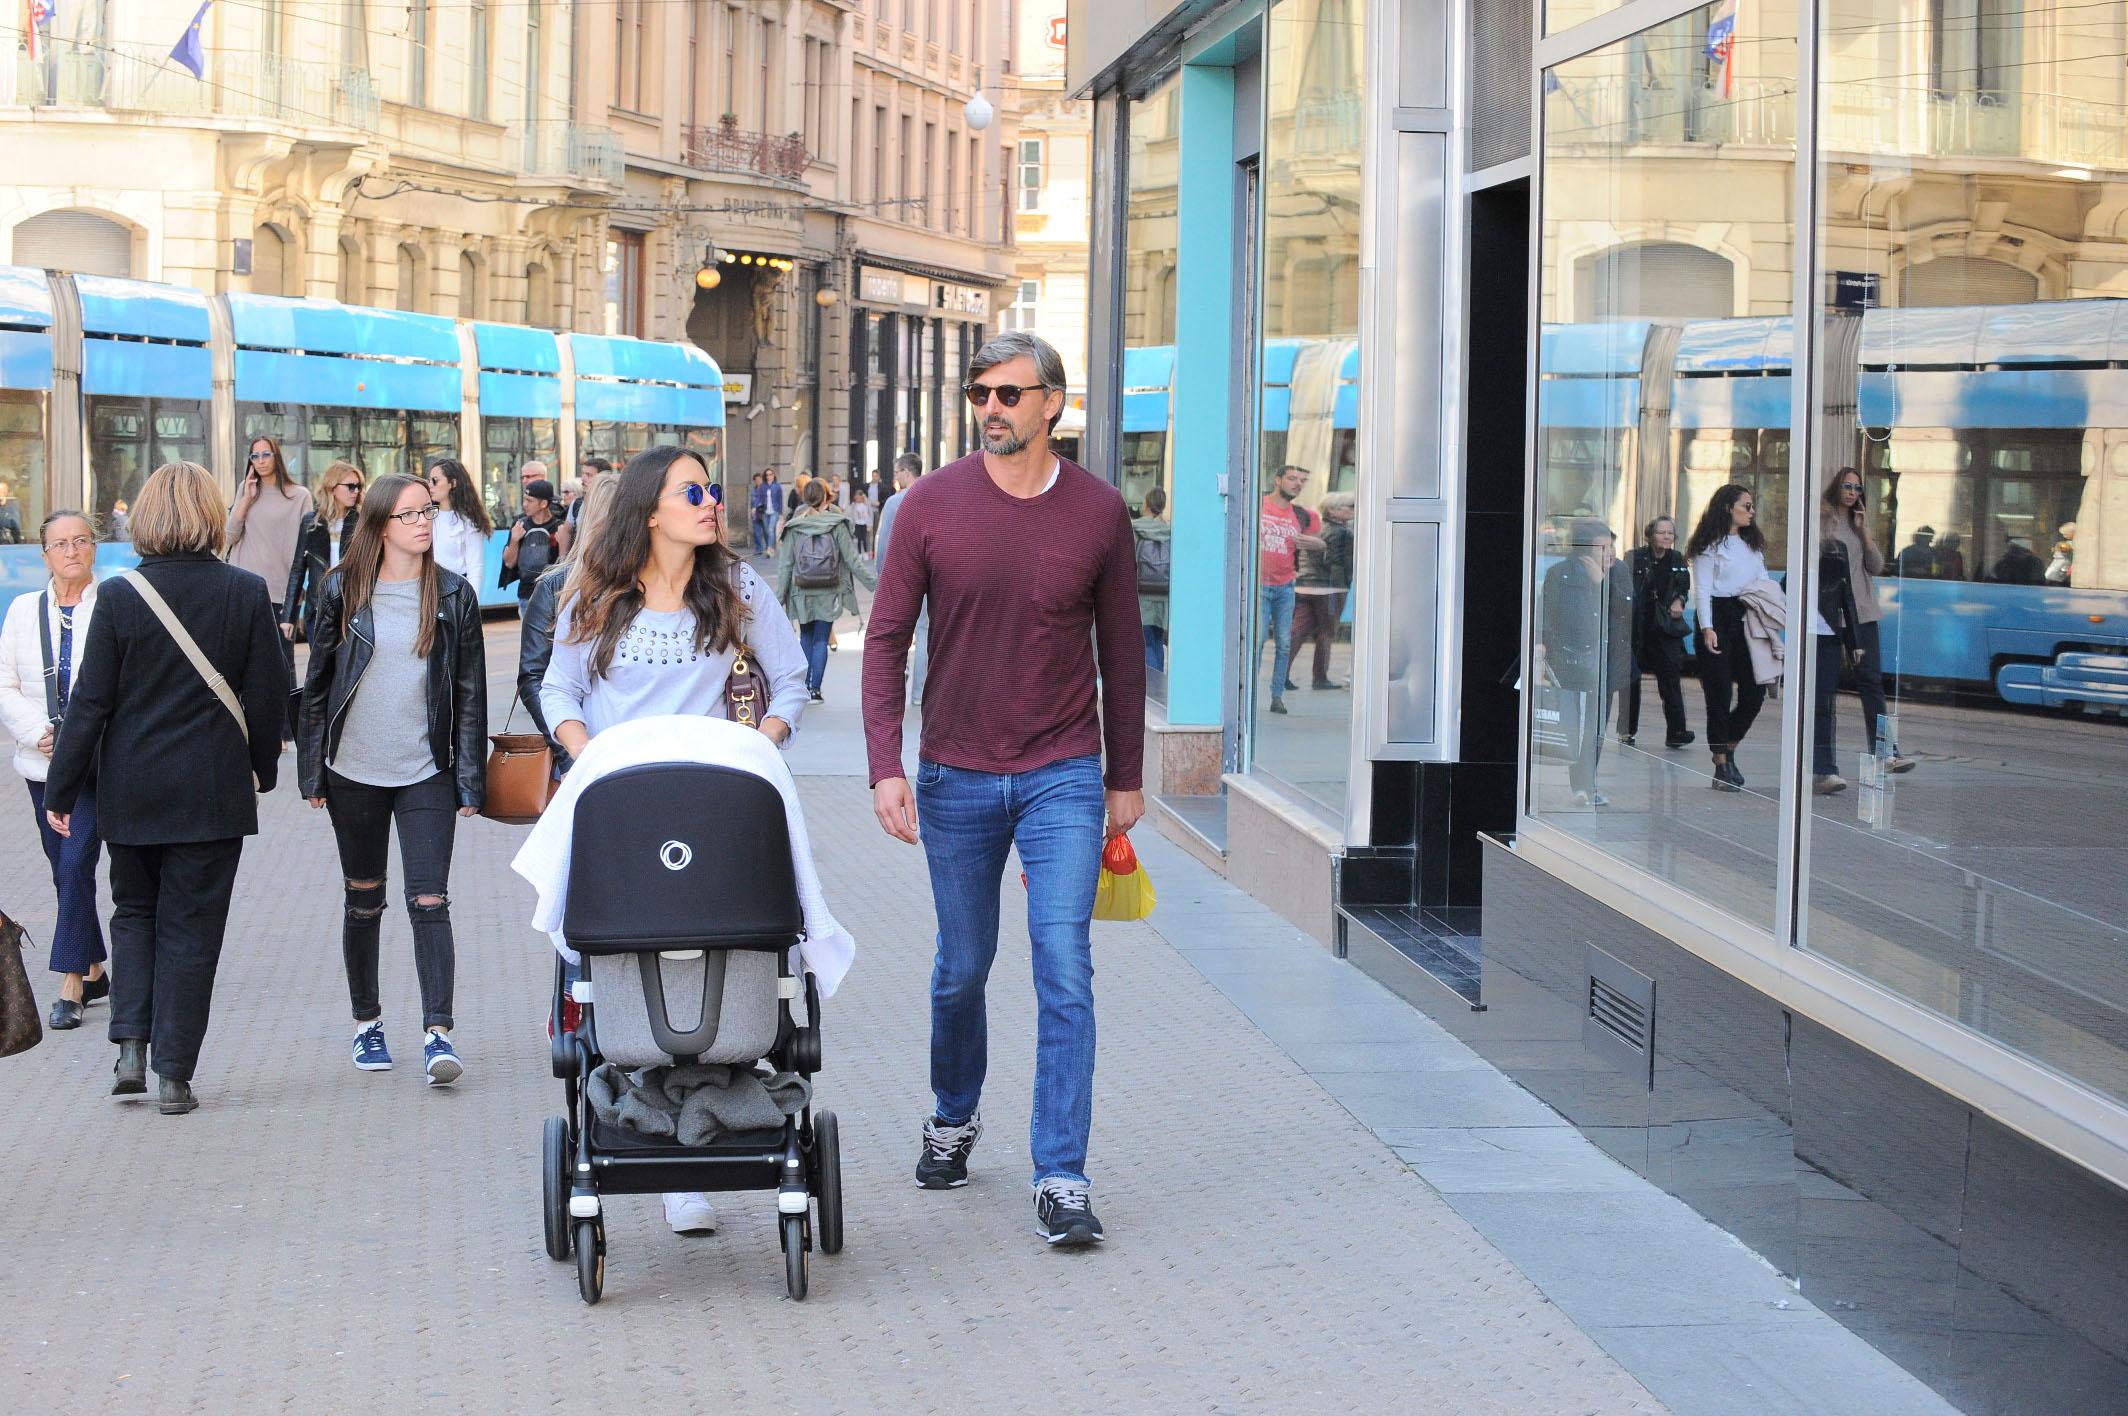 Spica / Zagreb 01.10.2018. / foto: Davor Matota / Goran Ivanisevic i supruga Nives Ivanisevic ex Canovic i sin Oliver